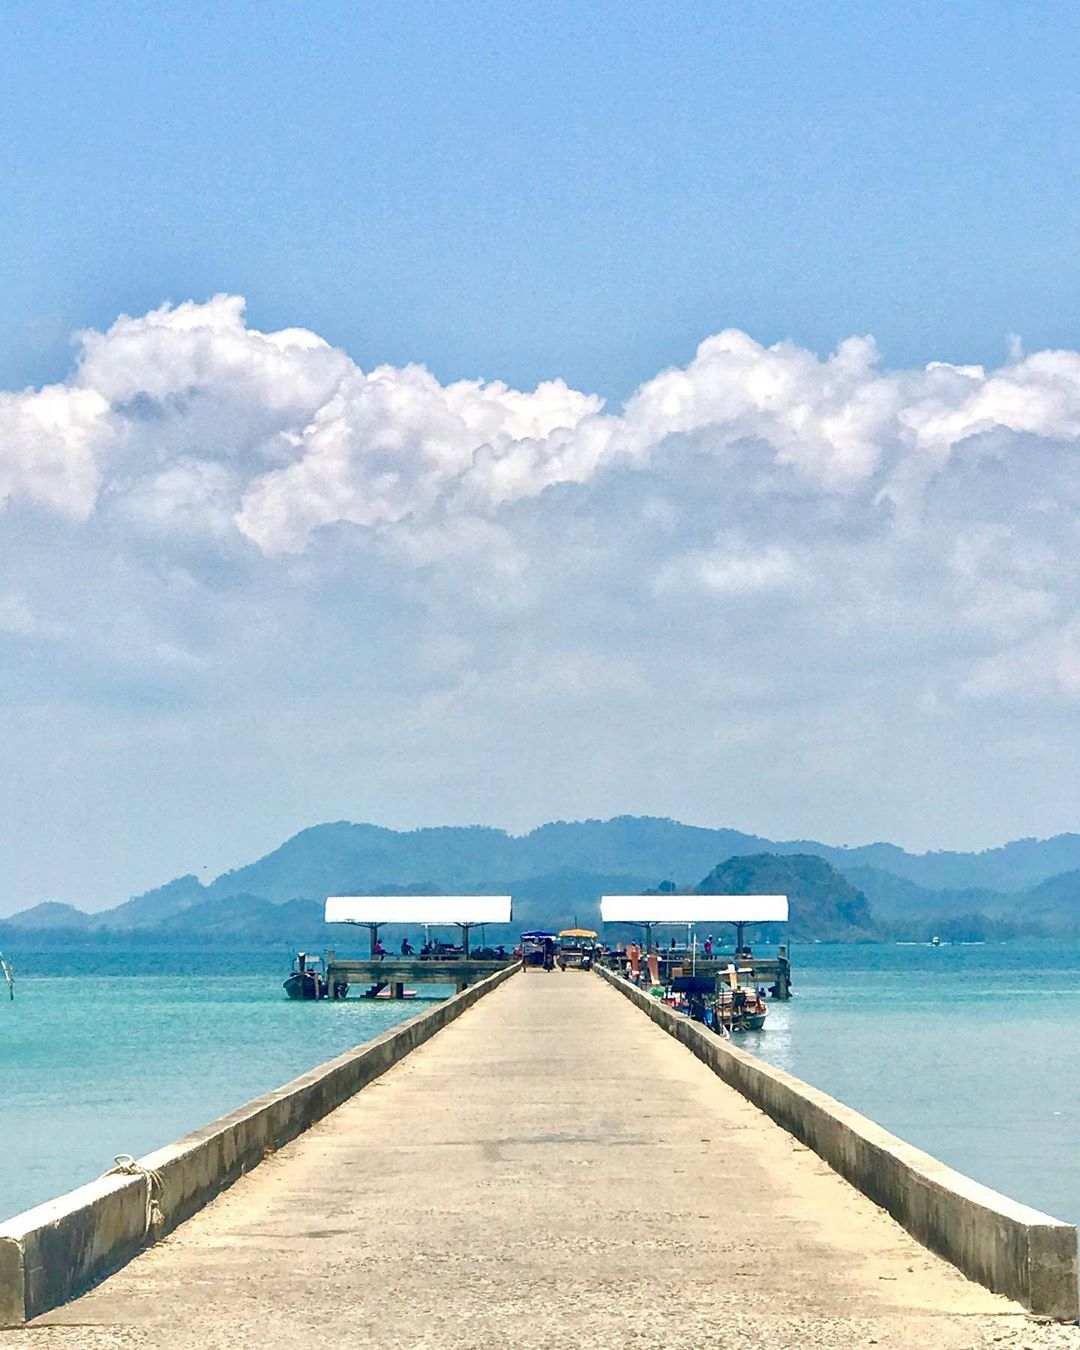 De pier van Koh Mook